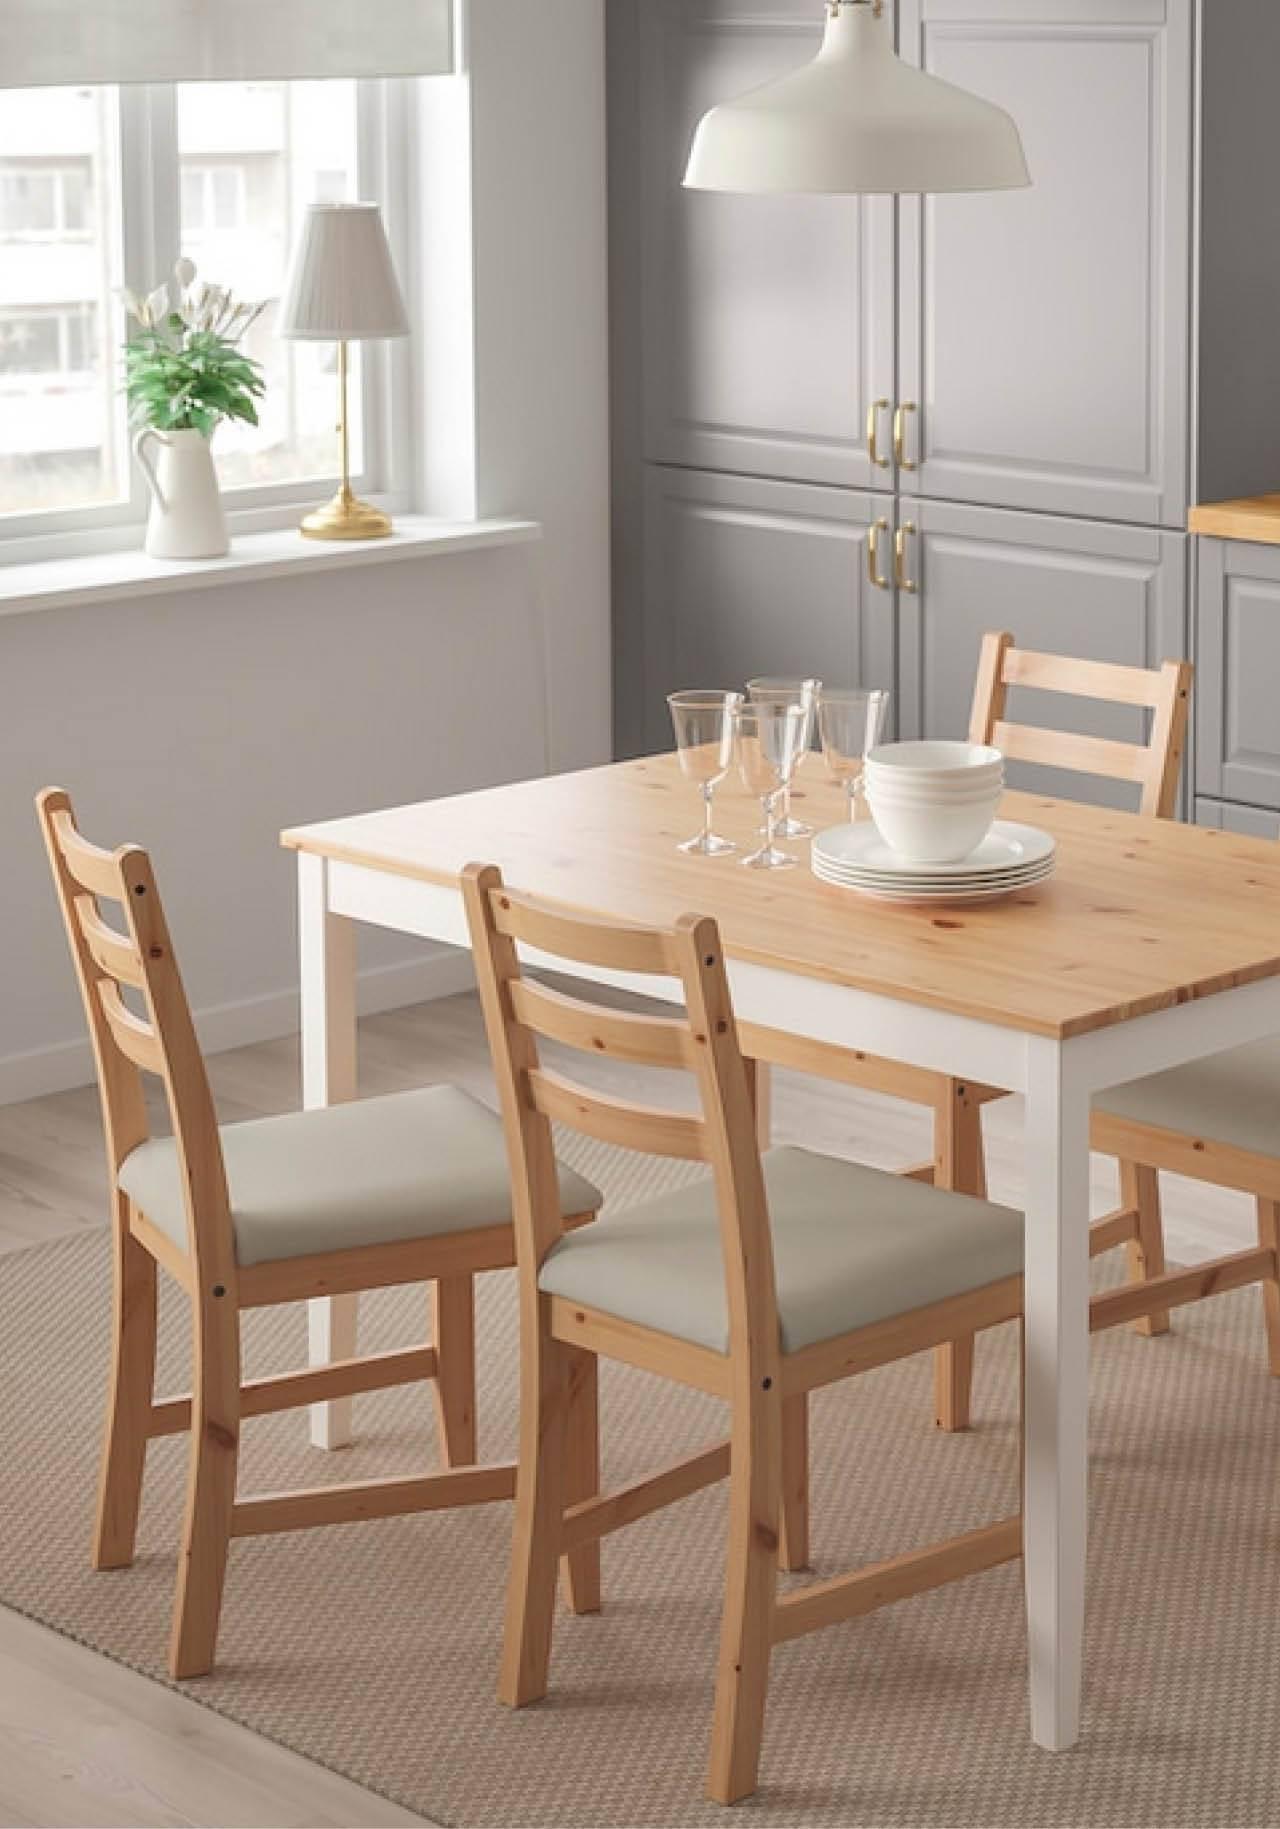 mesa estilo nordico ikea